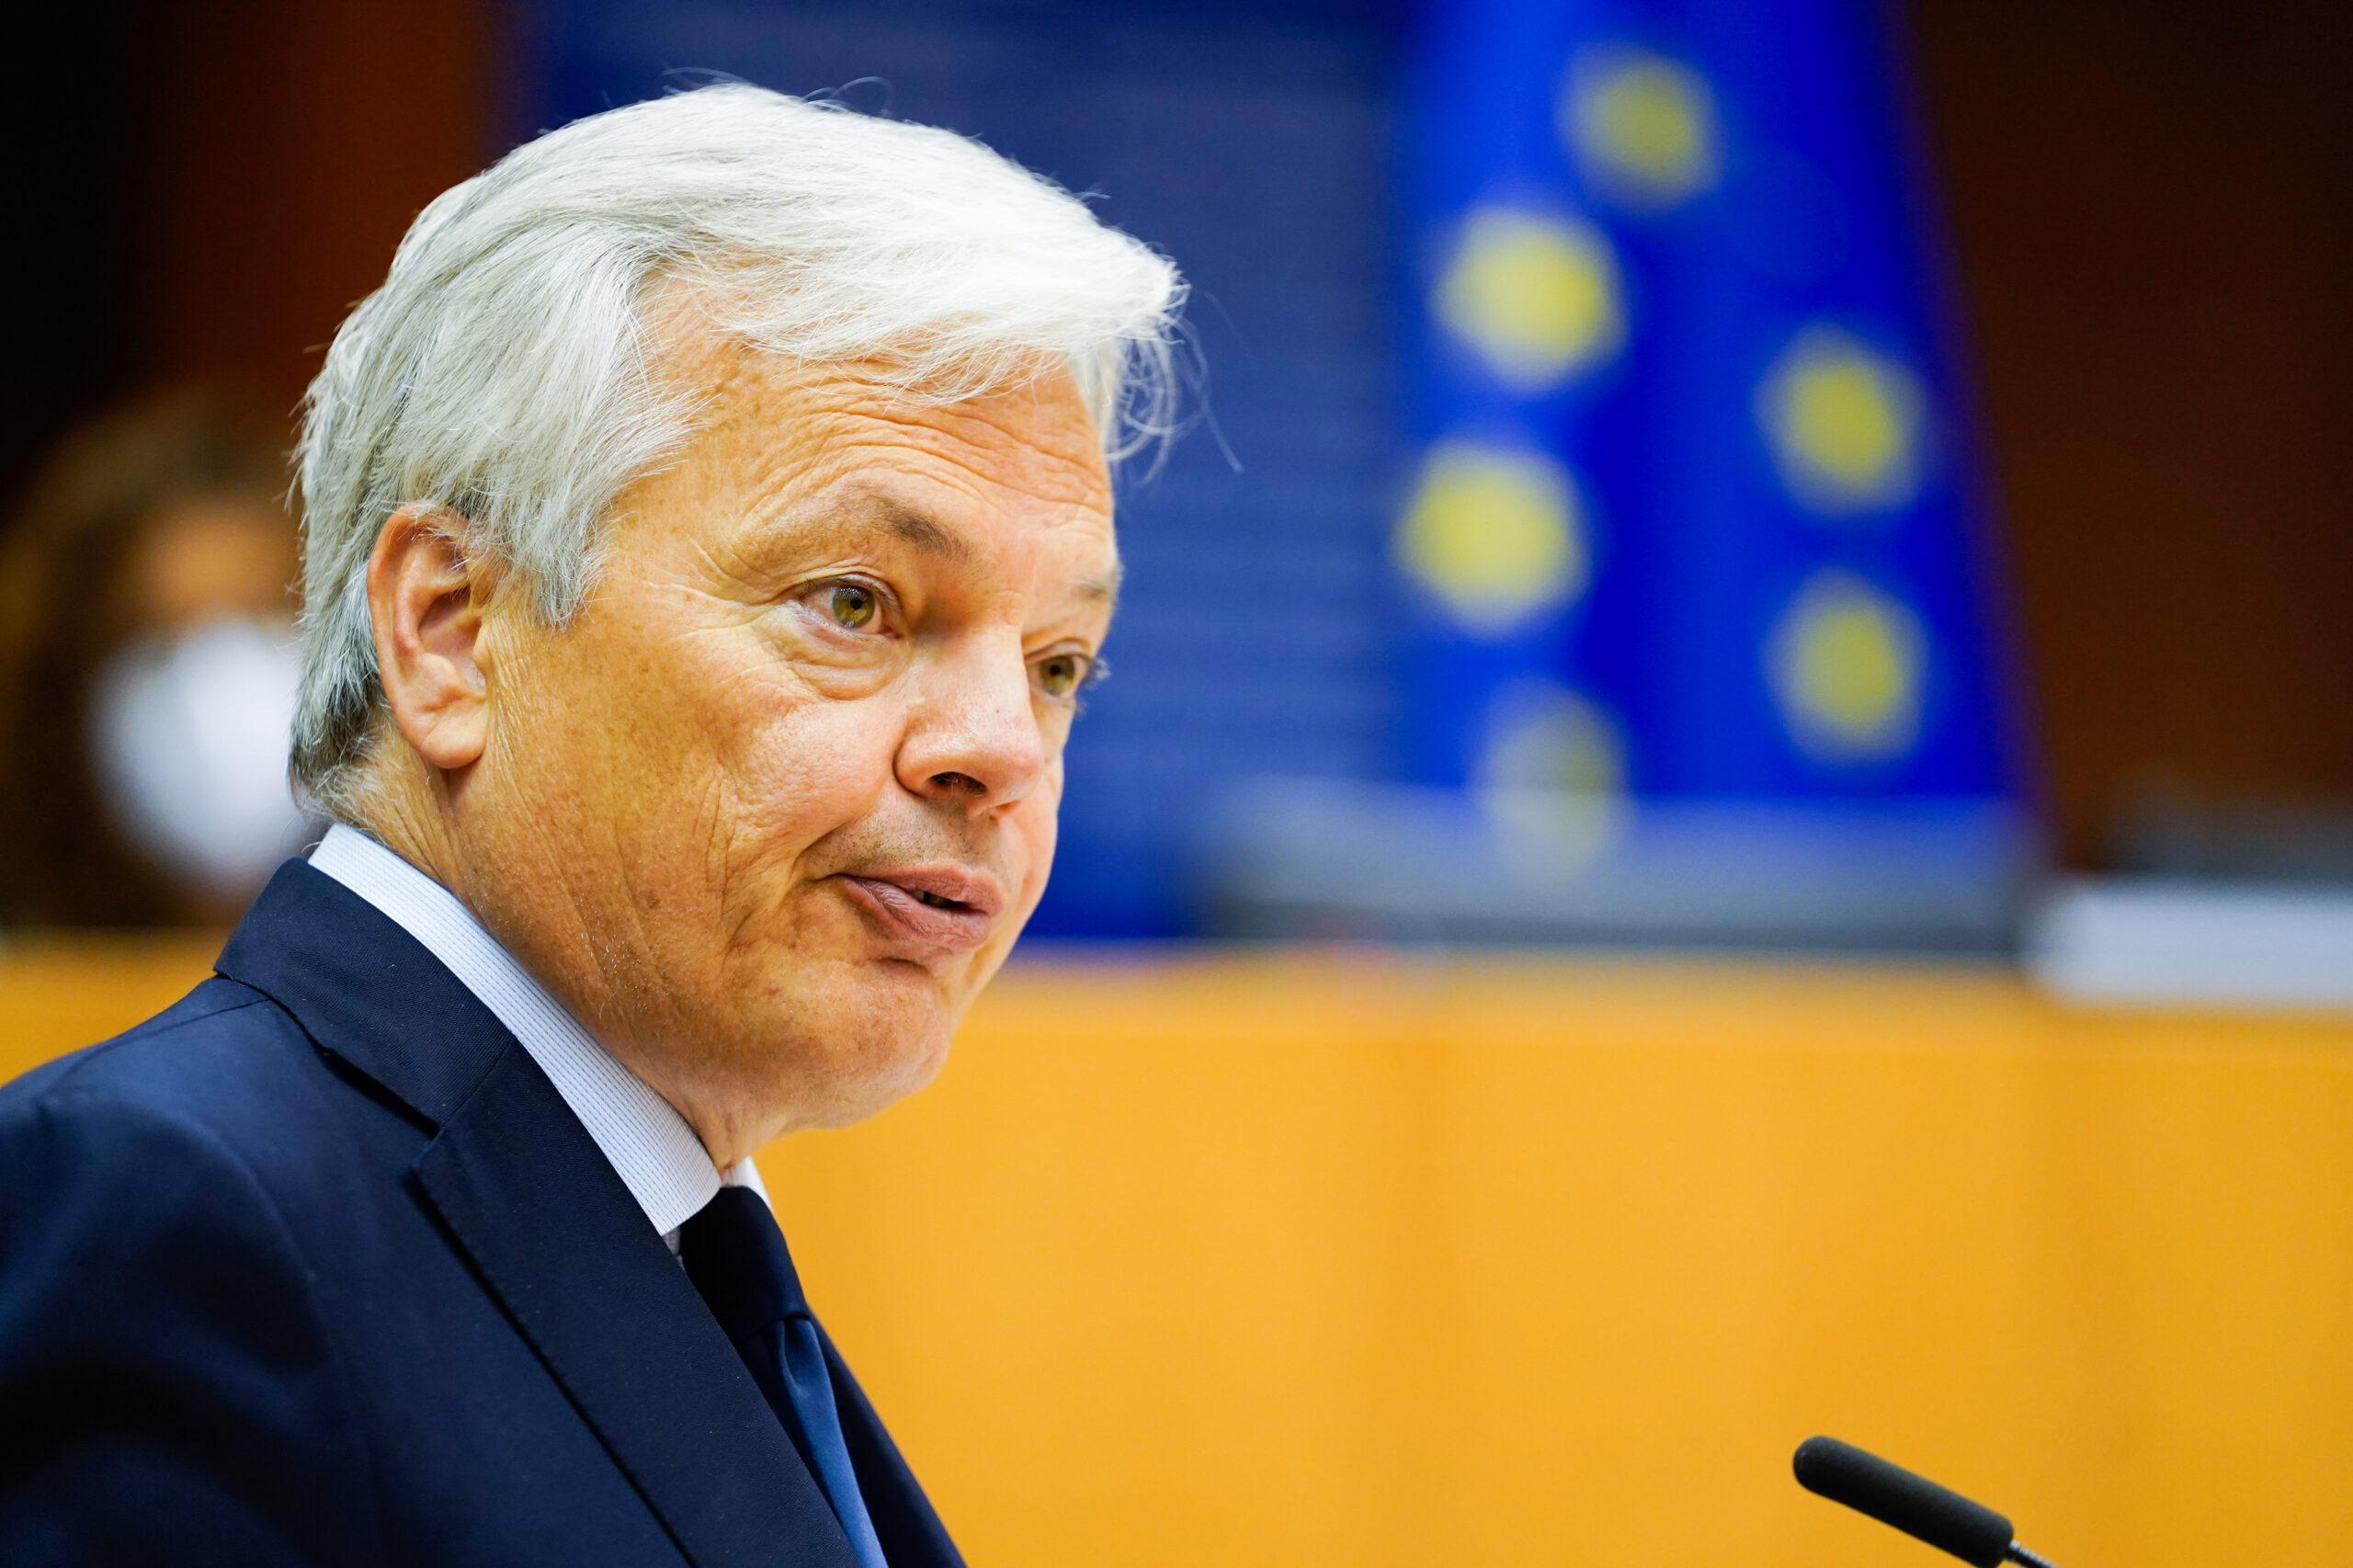 L'eurocomissari de Justícia, Didier Reynders, durant una compareixença a l'Eurocambra, al maig del 2020. (Horitzontal)